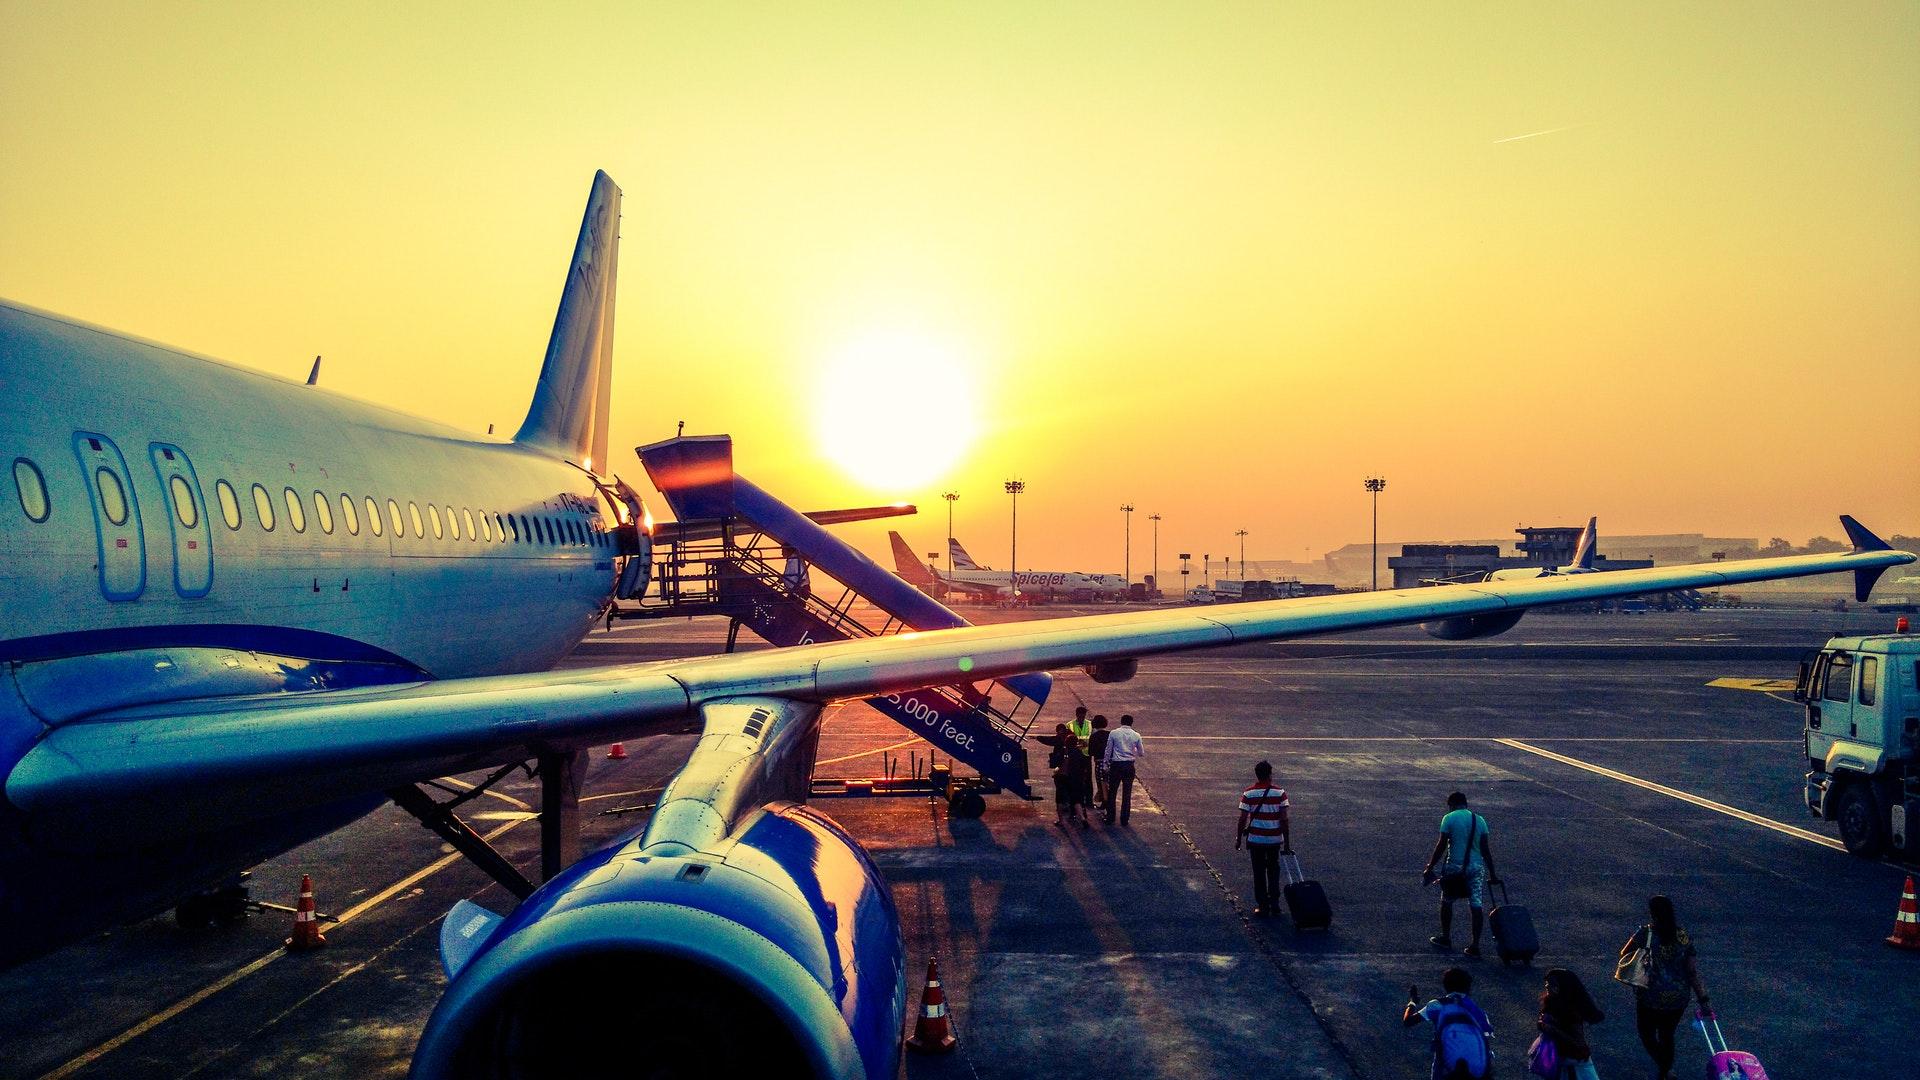 Vemos a asa de avião com o sol ao fundo (imagem ilustrativa). Texto: franquia boa e barata.